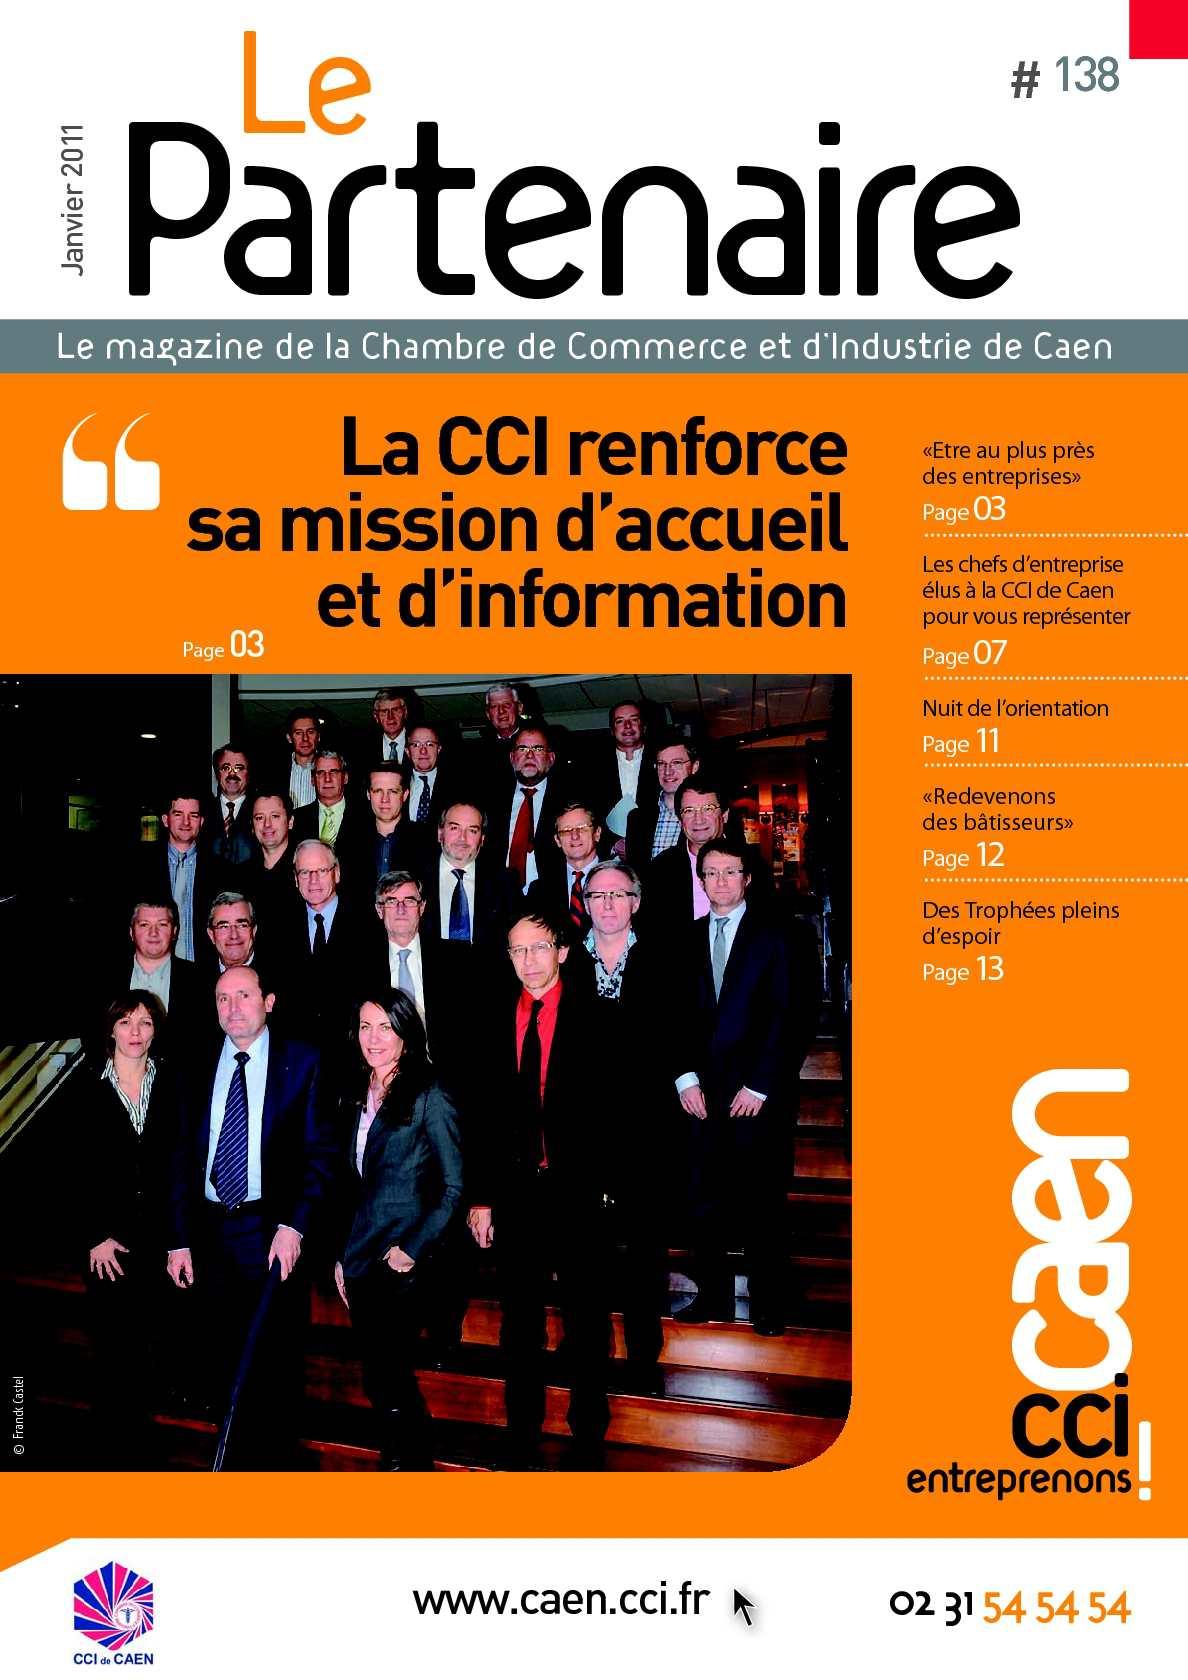 Calam o le partenaire magazine de la cci de caen n 138 - Chambre de commerce et d industrie caen ...